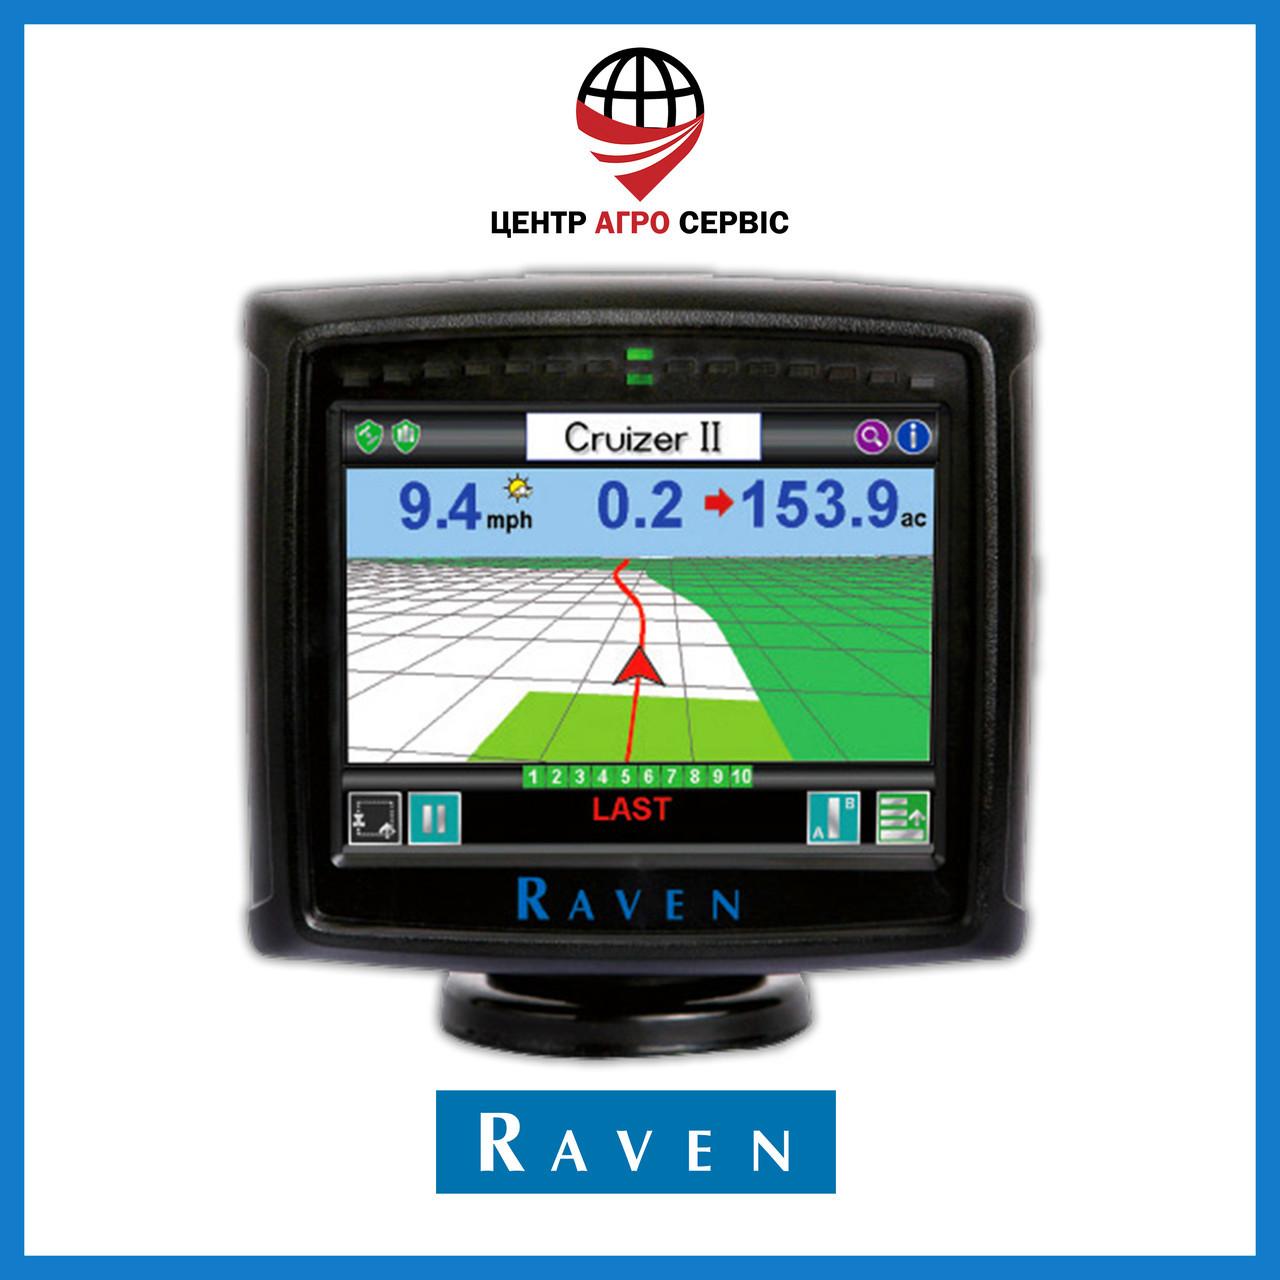 Курсовказівник (система паралельного водіння, агронавігатор) RAVEN Cruizer II